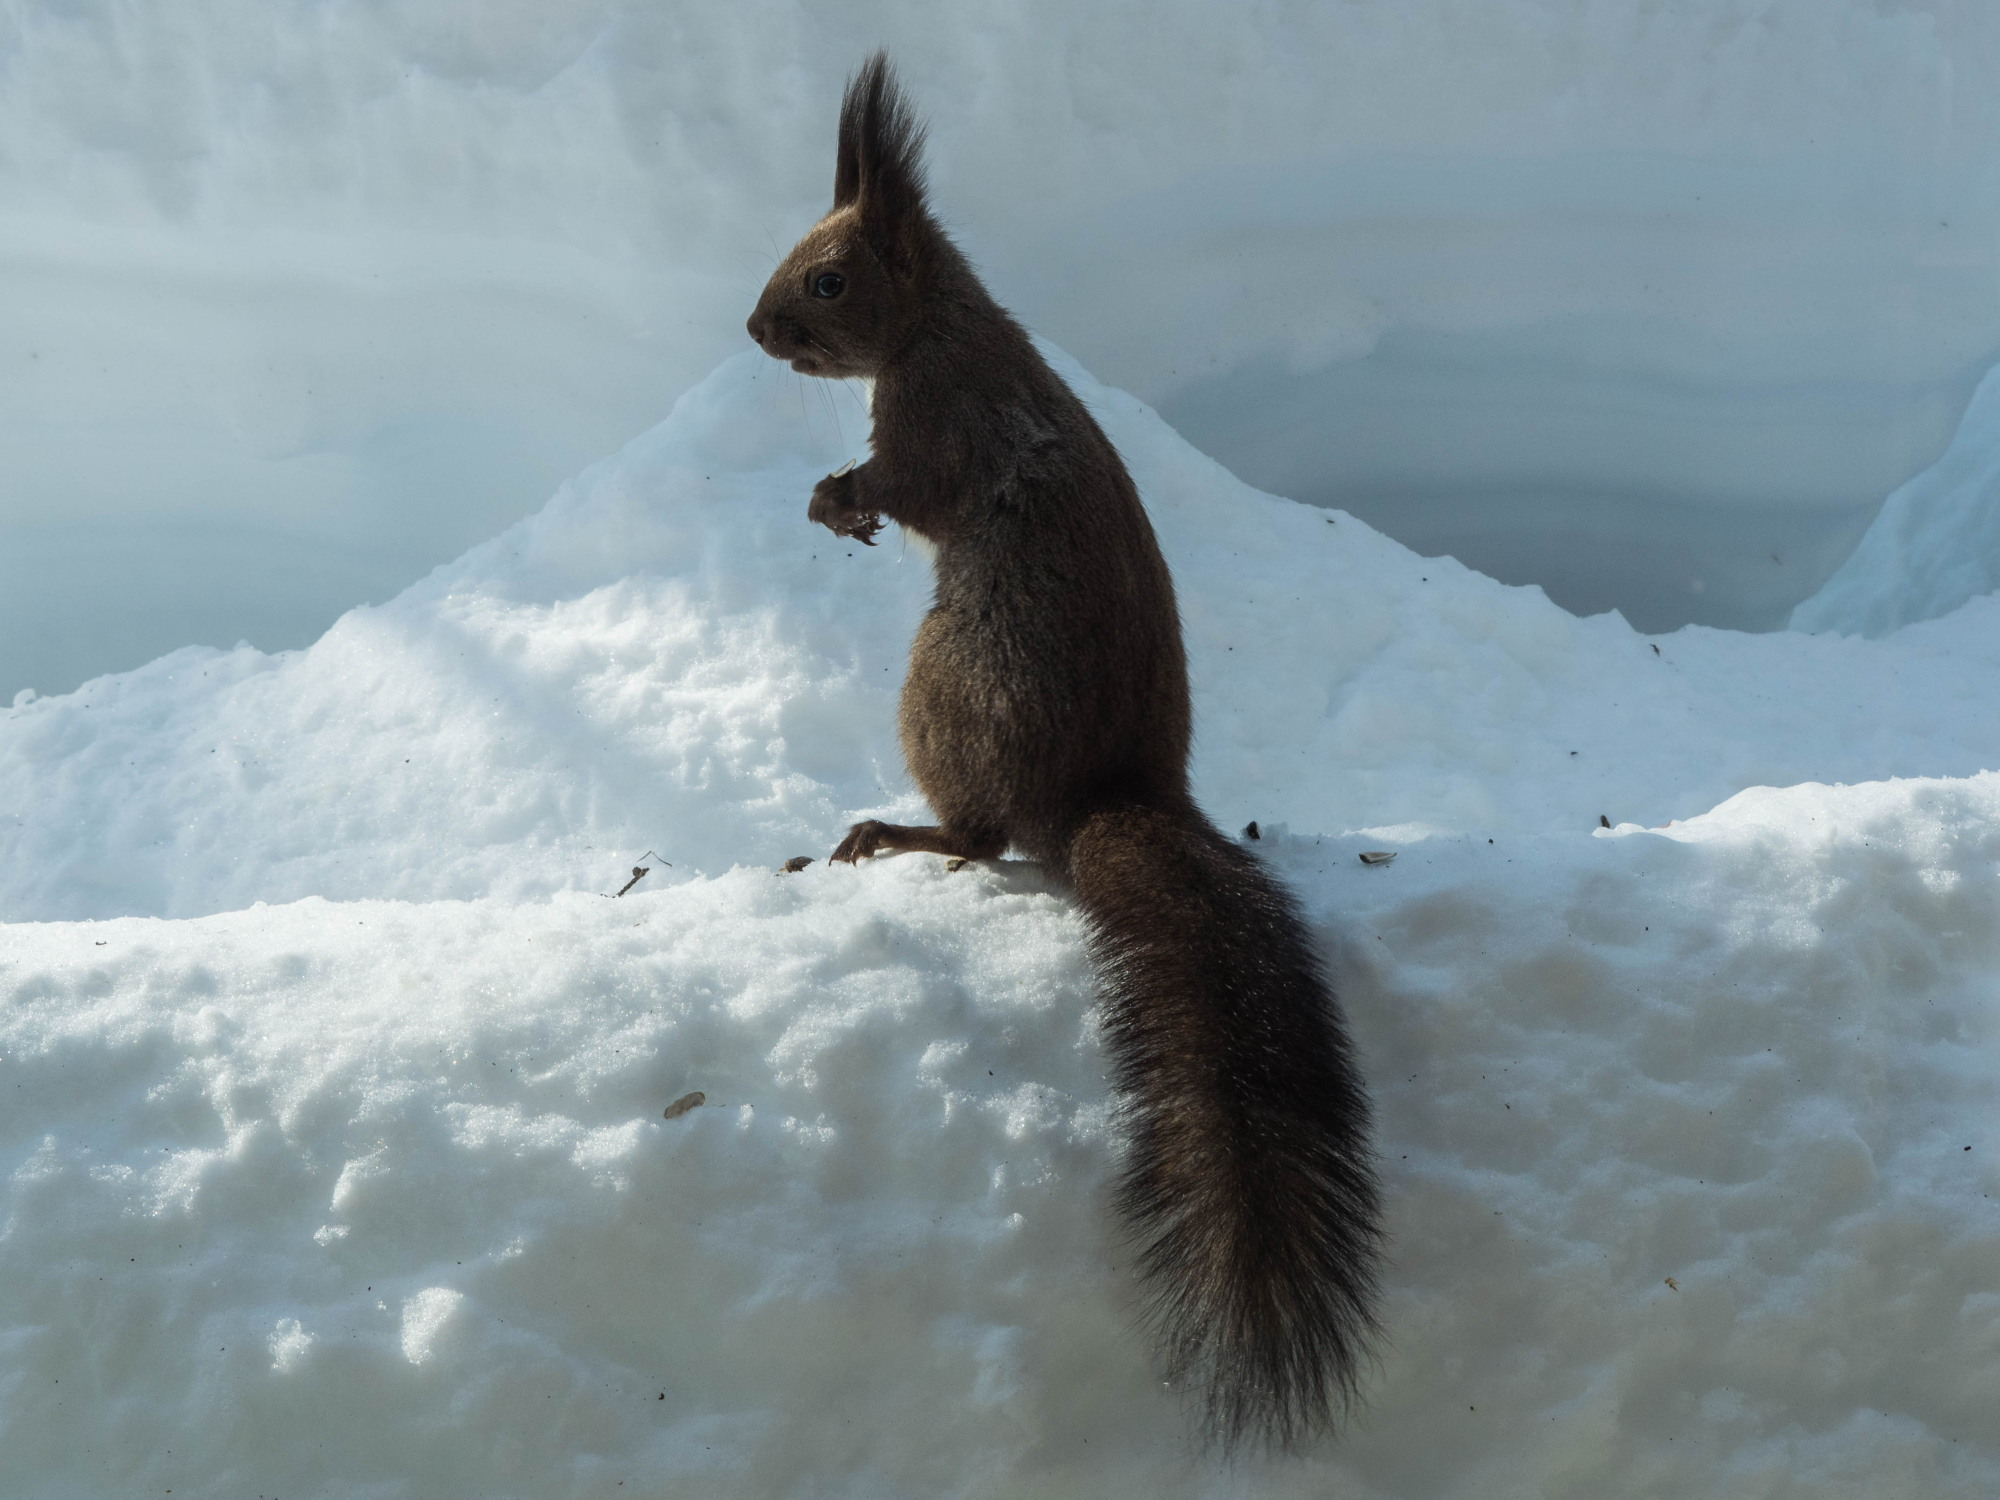 大雪の後は春の陽気。エゾリス君、雪に埋もれたリス小屋に呆然!_f0276498_22360652.jpg